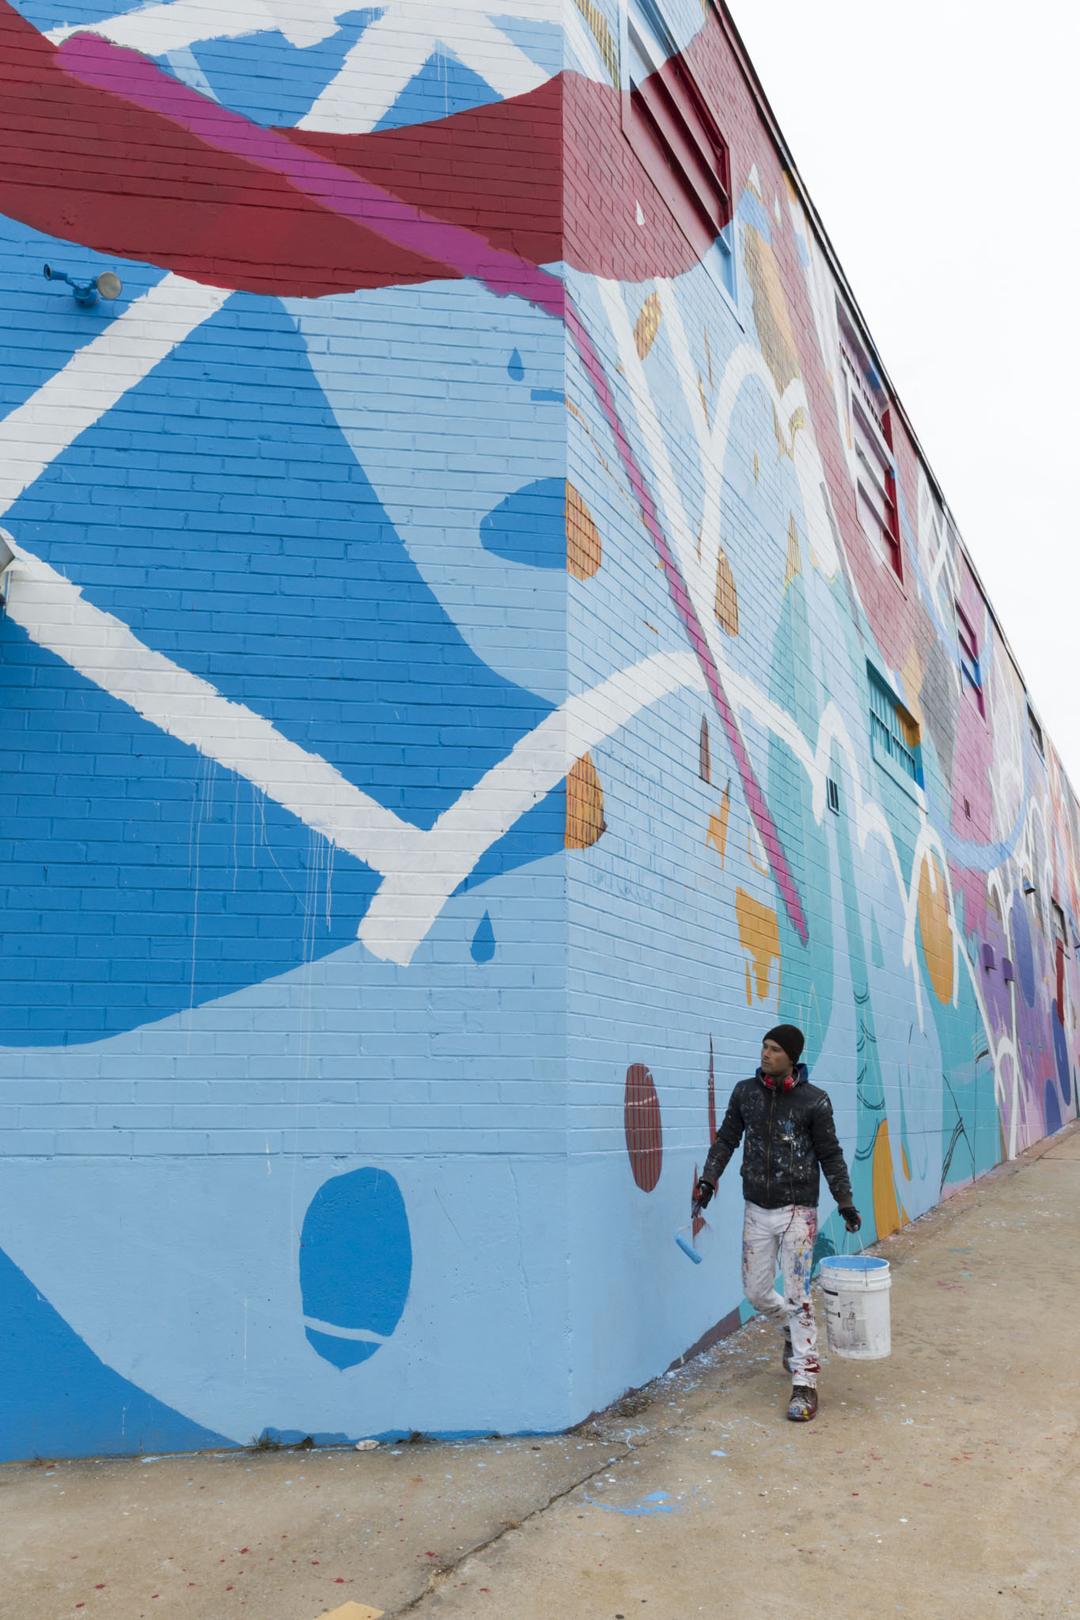 hense-new-mural-in-midtown-west-atlanta-08